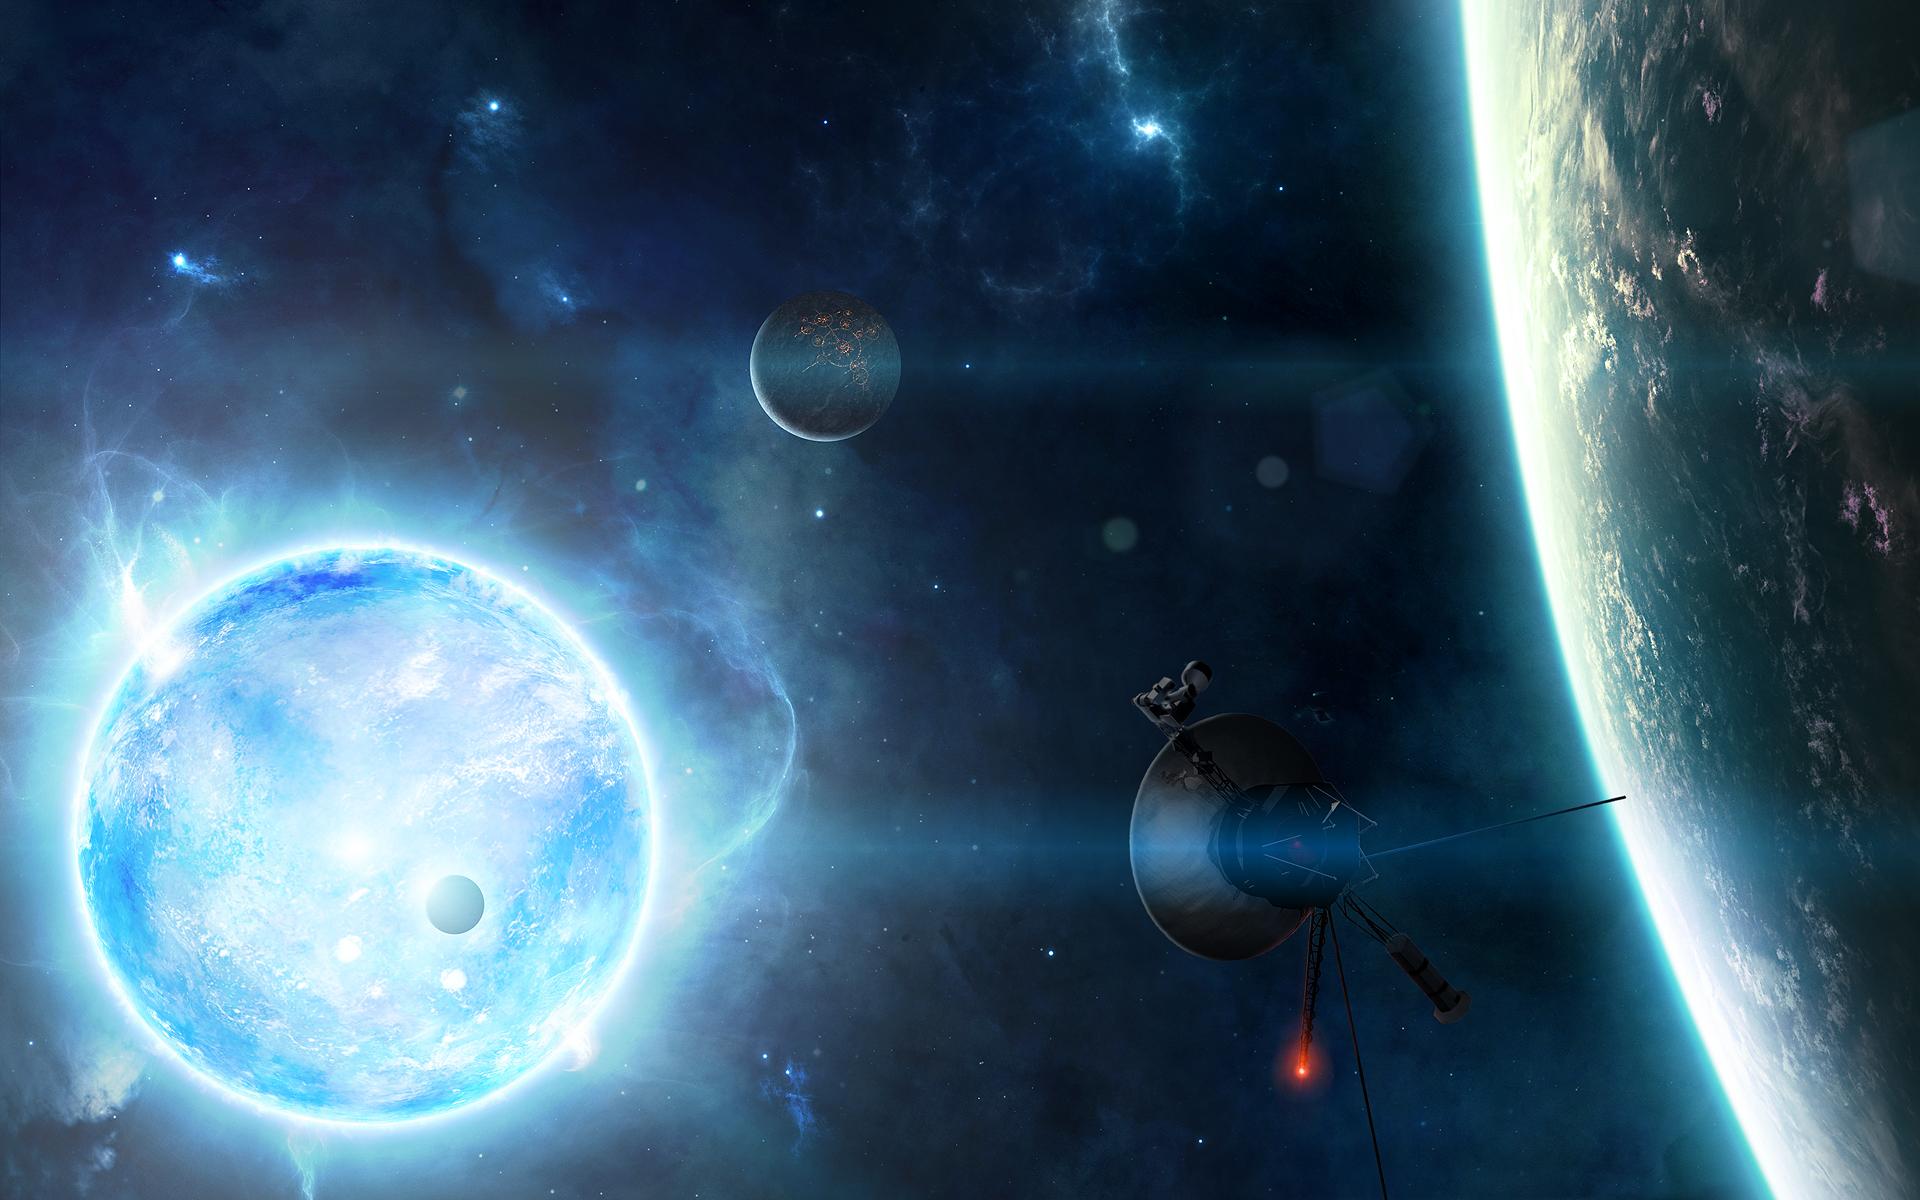 デスクトップ壁紙 スペース 惑星 銀河 19x10 Waifu デスクトップ壁紙 Wallhere